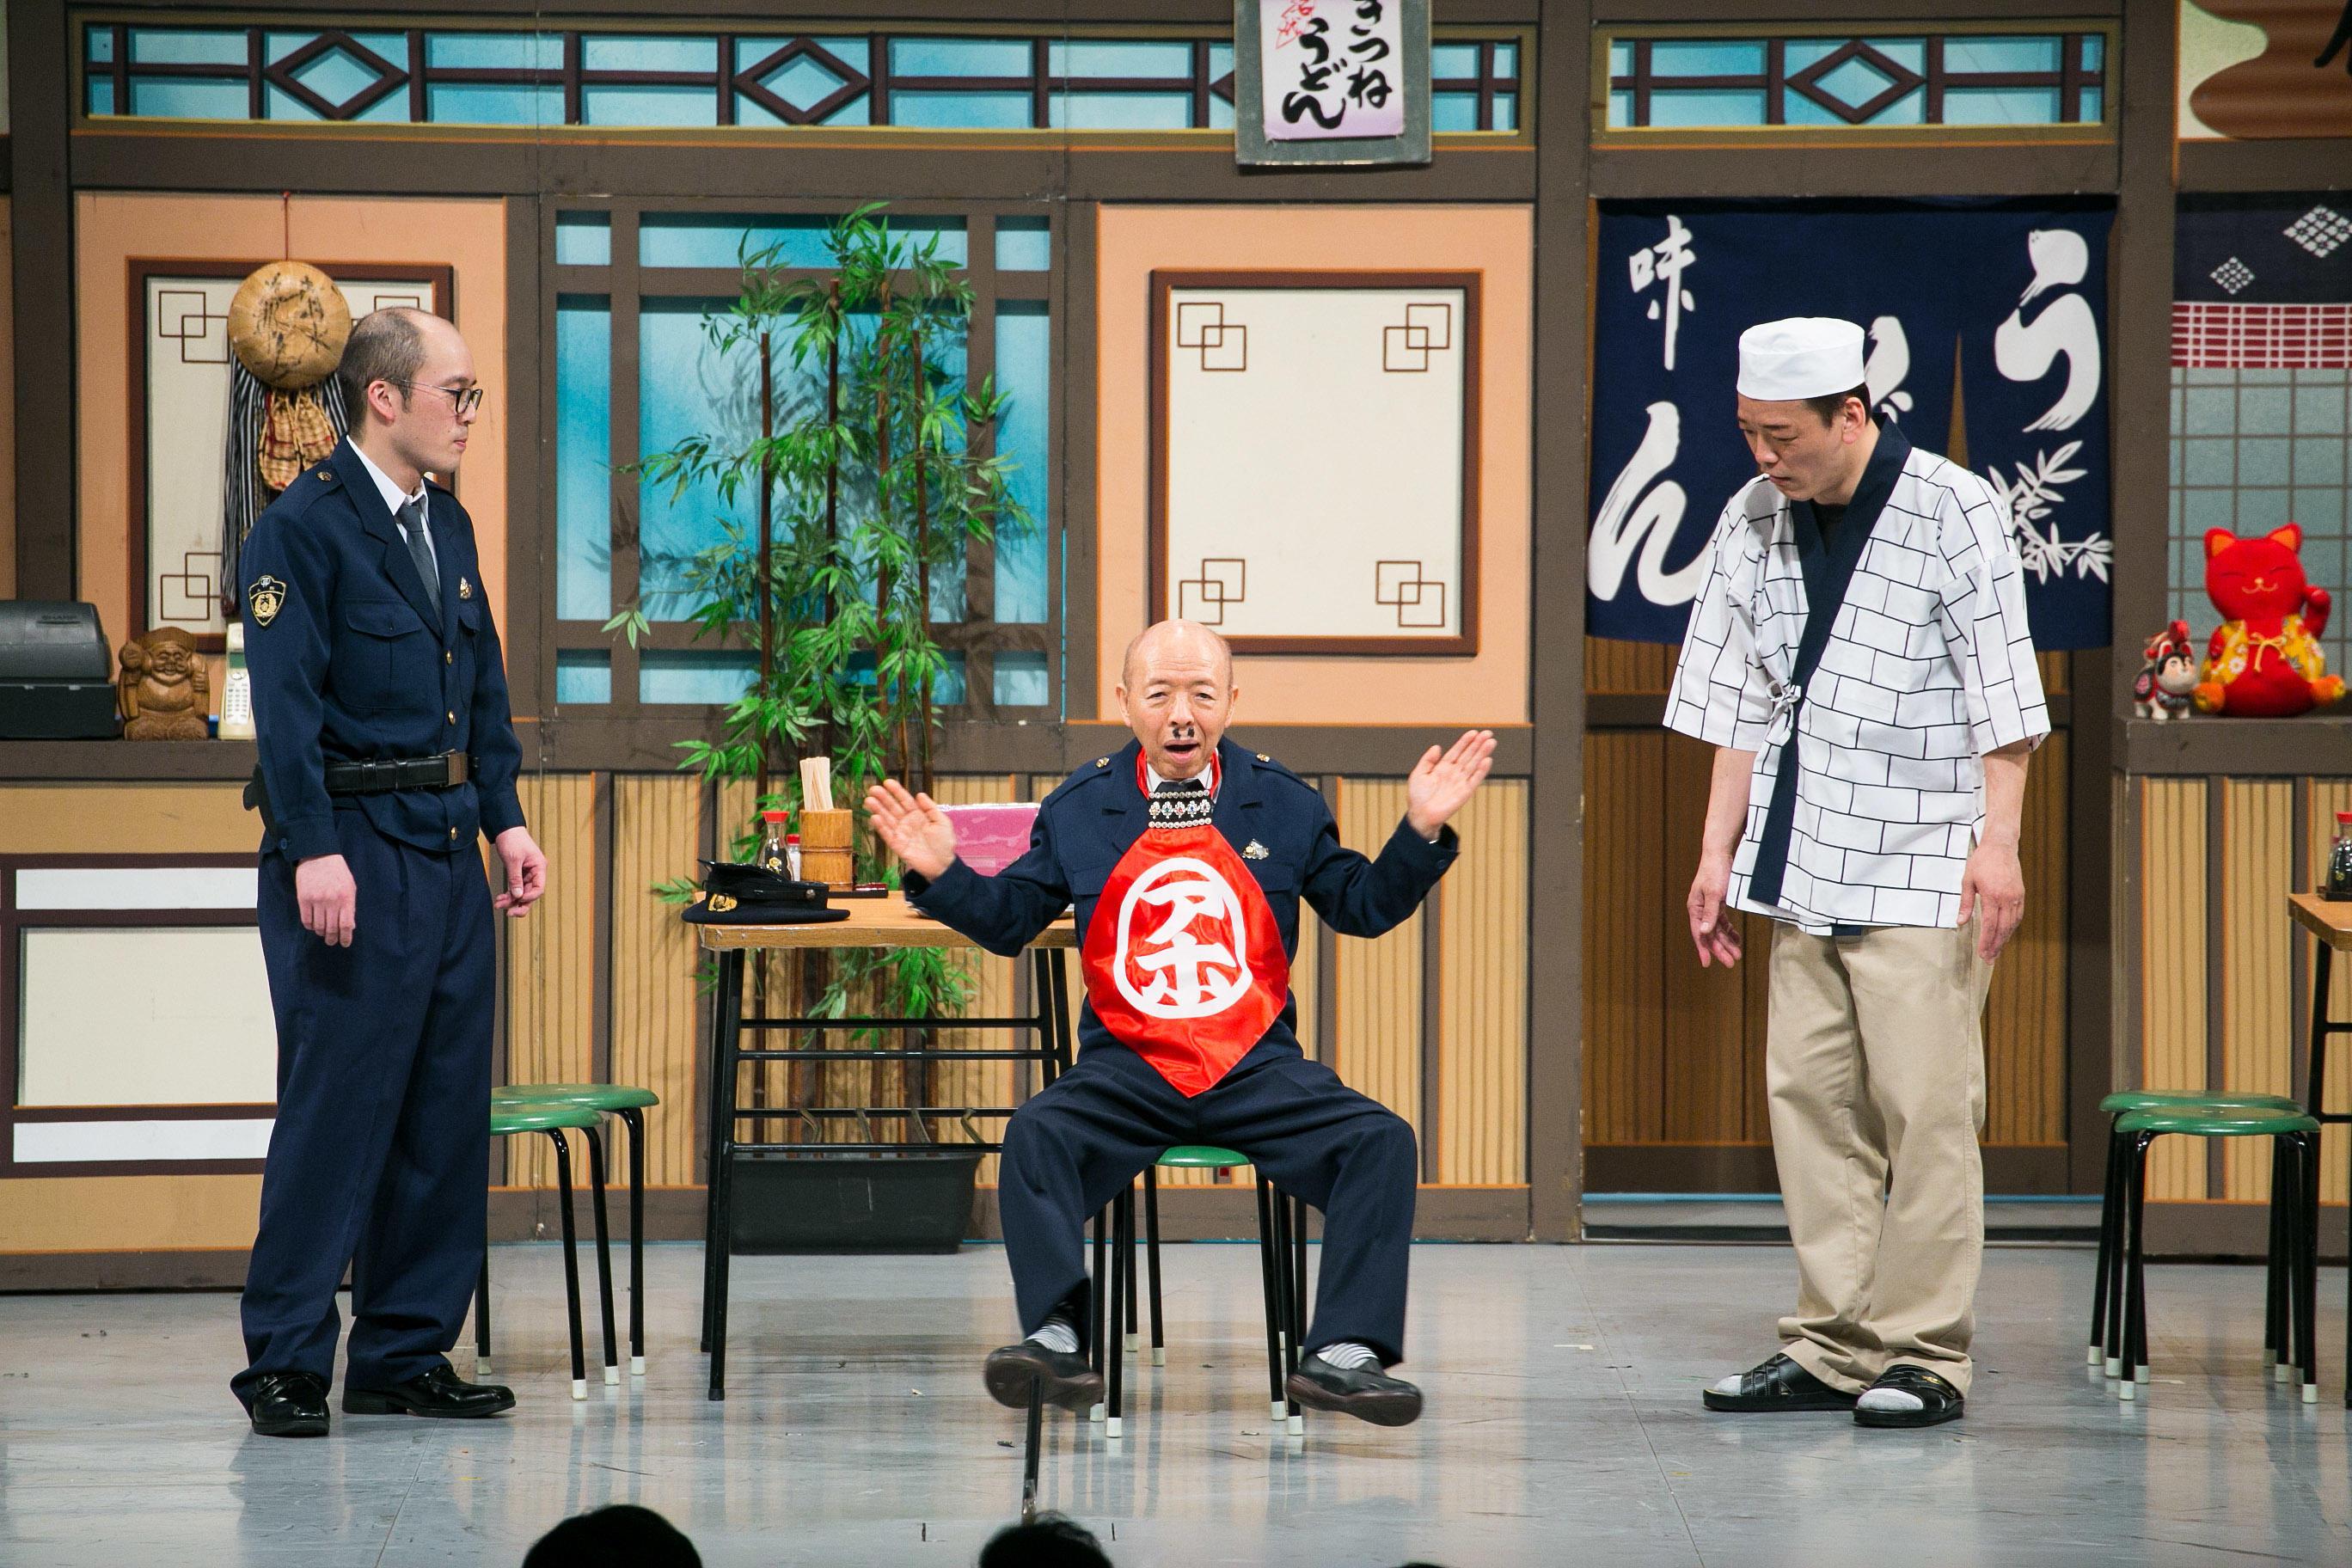 http://news.yoshimoto.co.jp/20180407101144-e5f624a8363b4e2914e2a699ad2d46b1a4b1fb2b.jpg